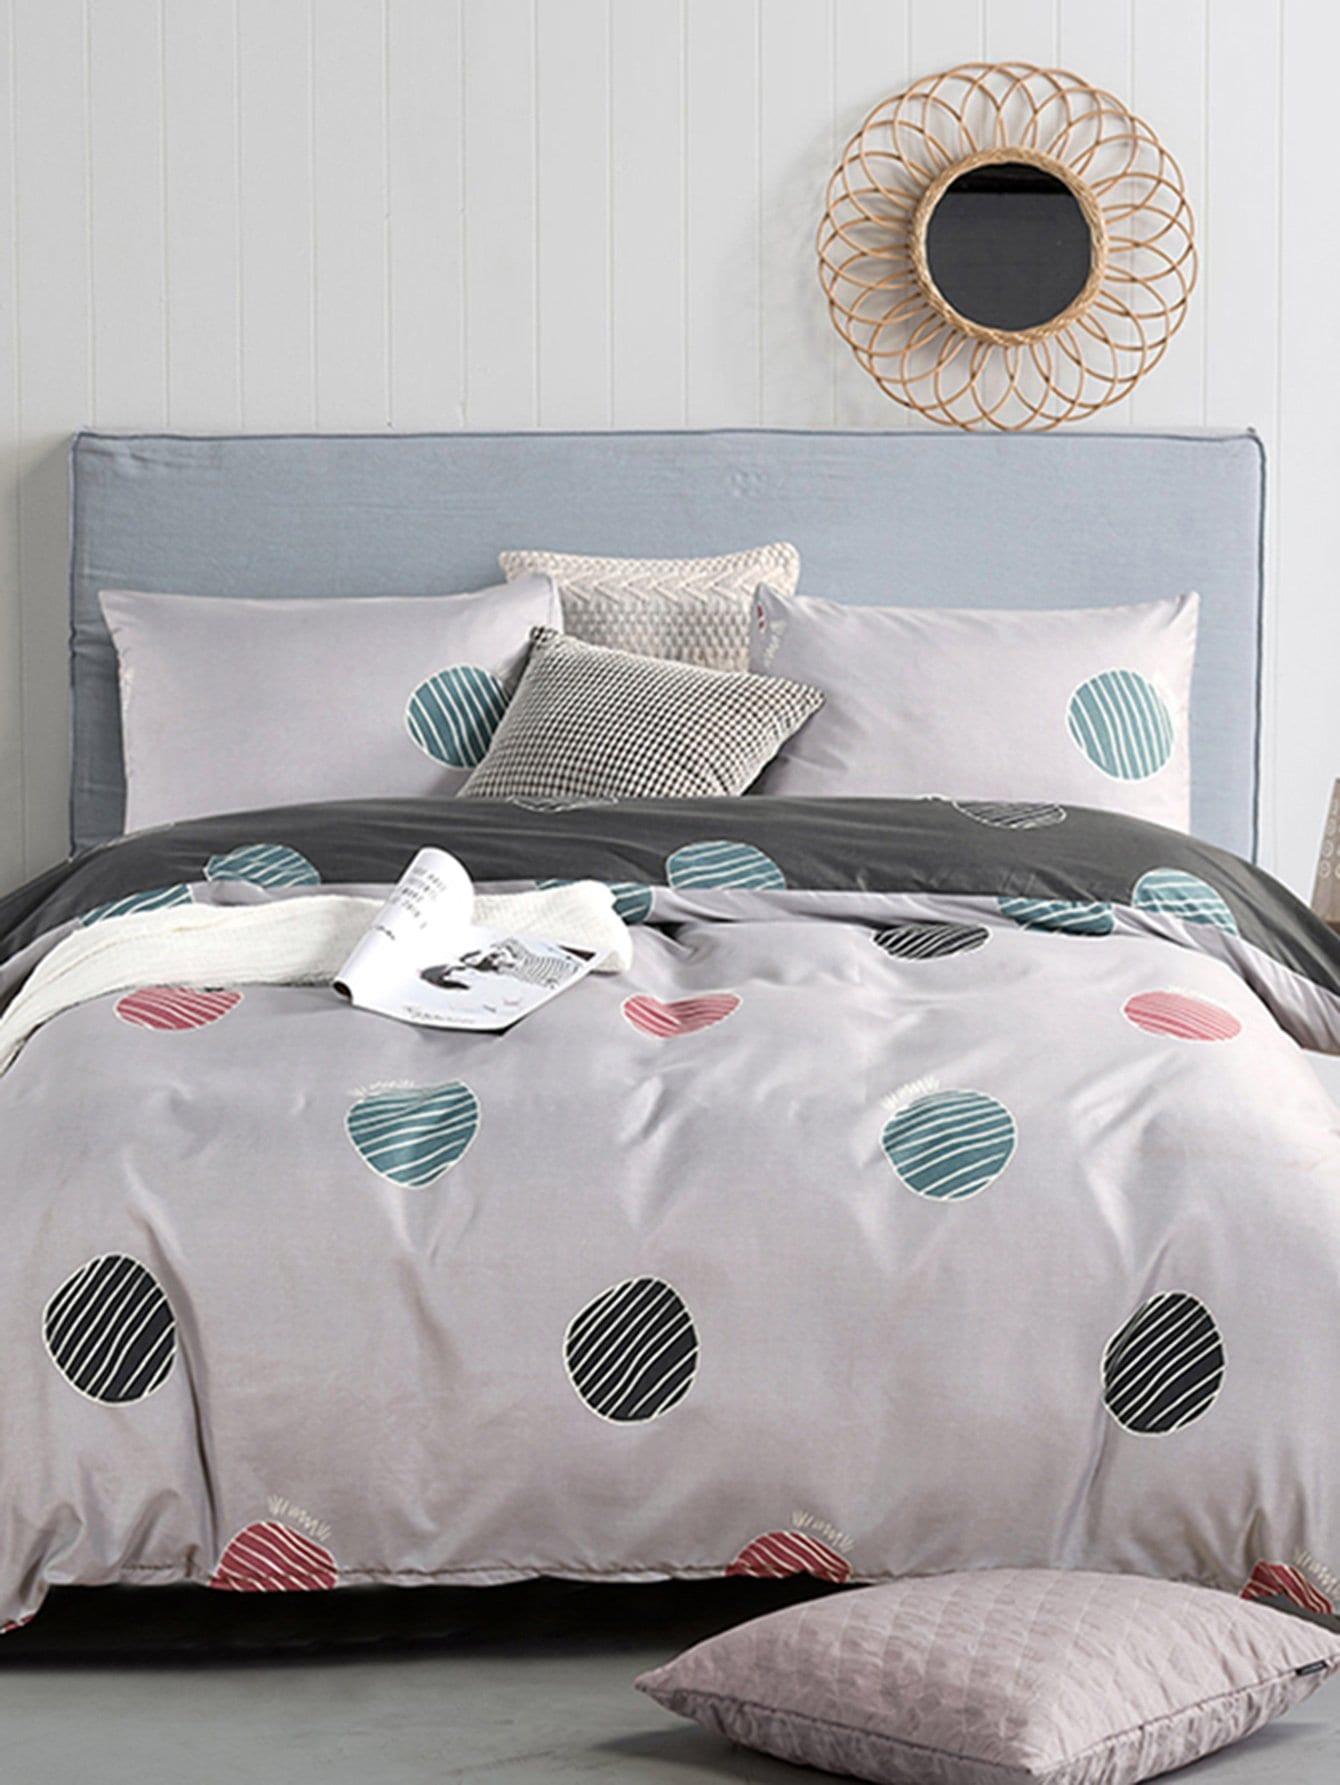 Купить Комплект полосатого постельного белья в горошек, null, SheIn